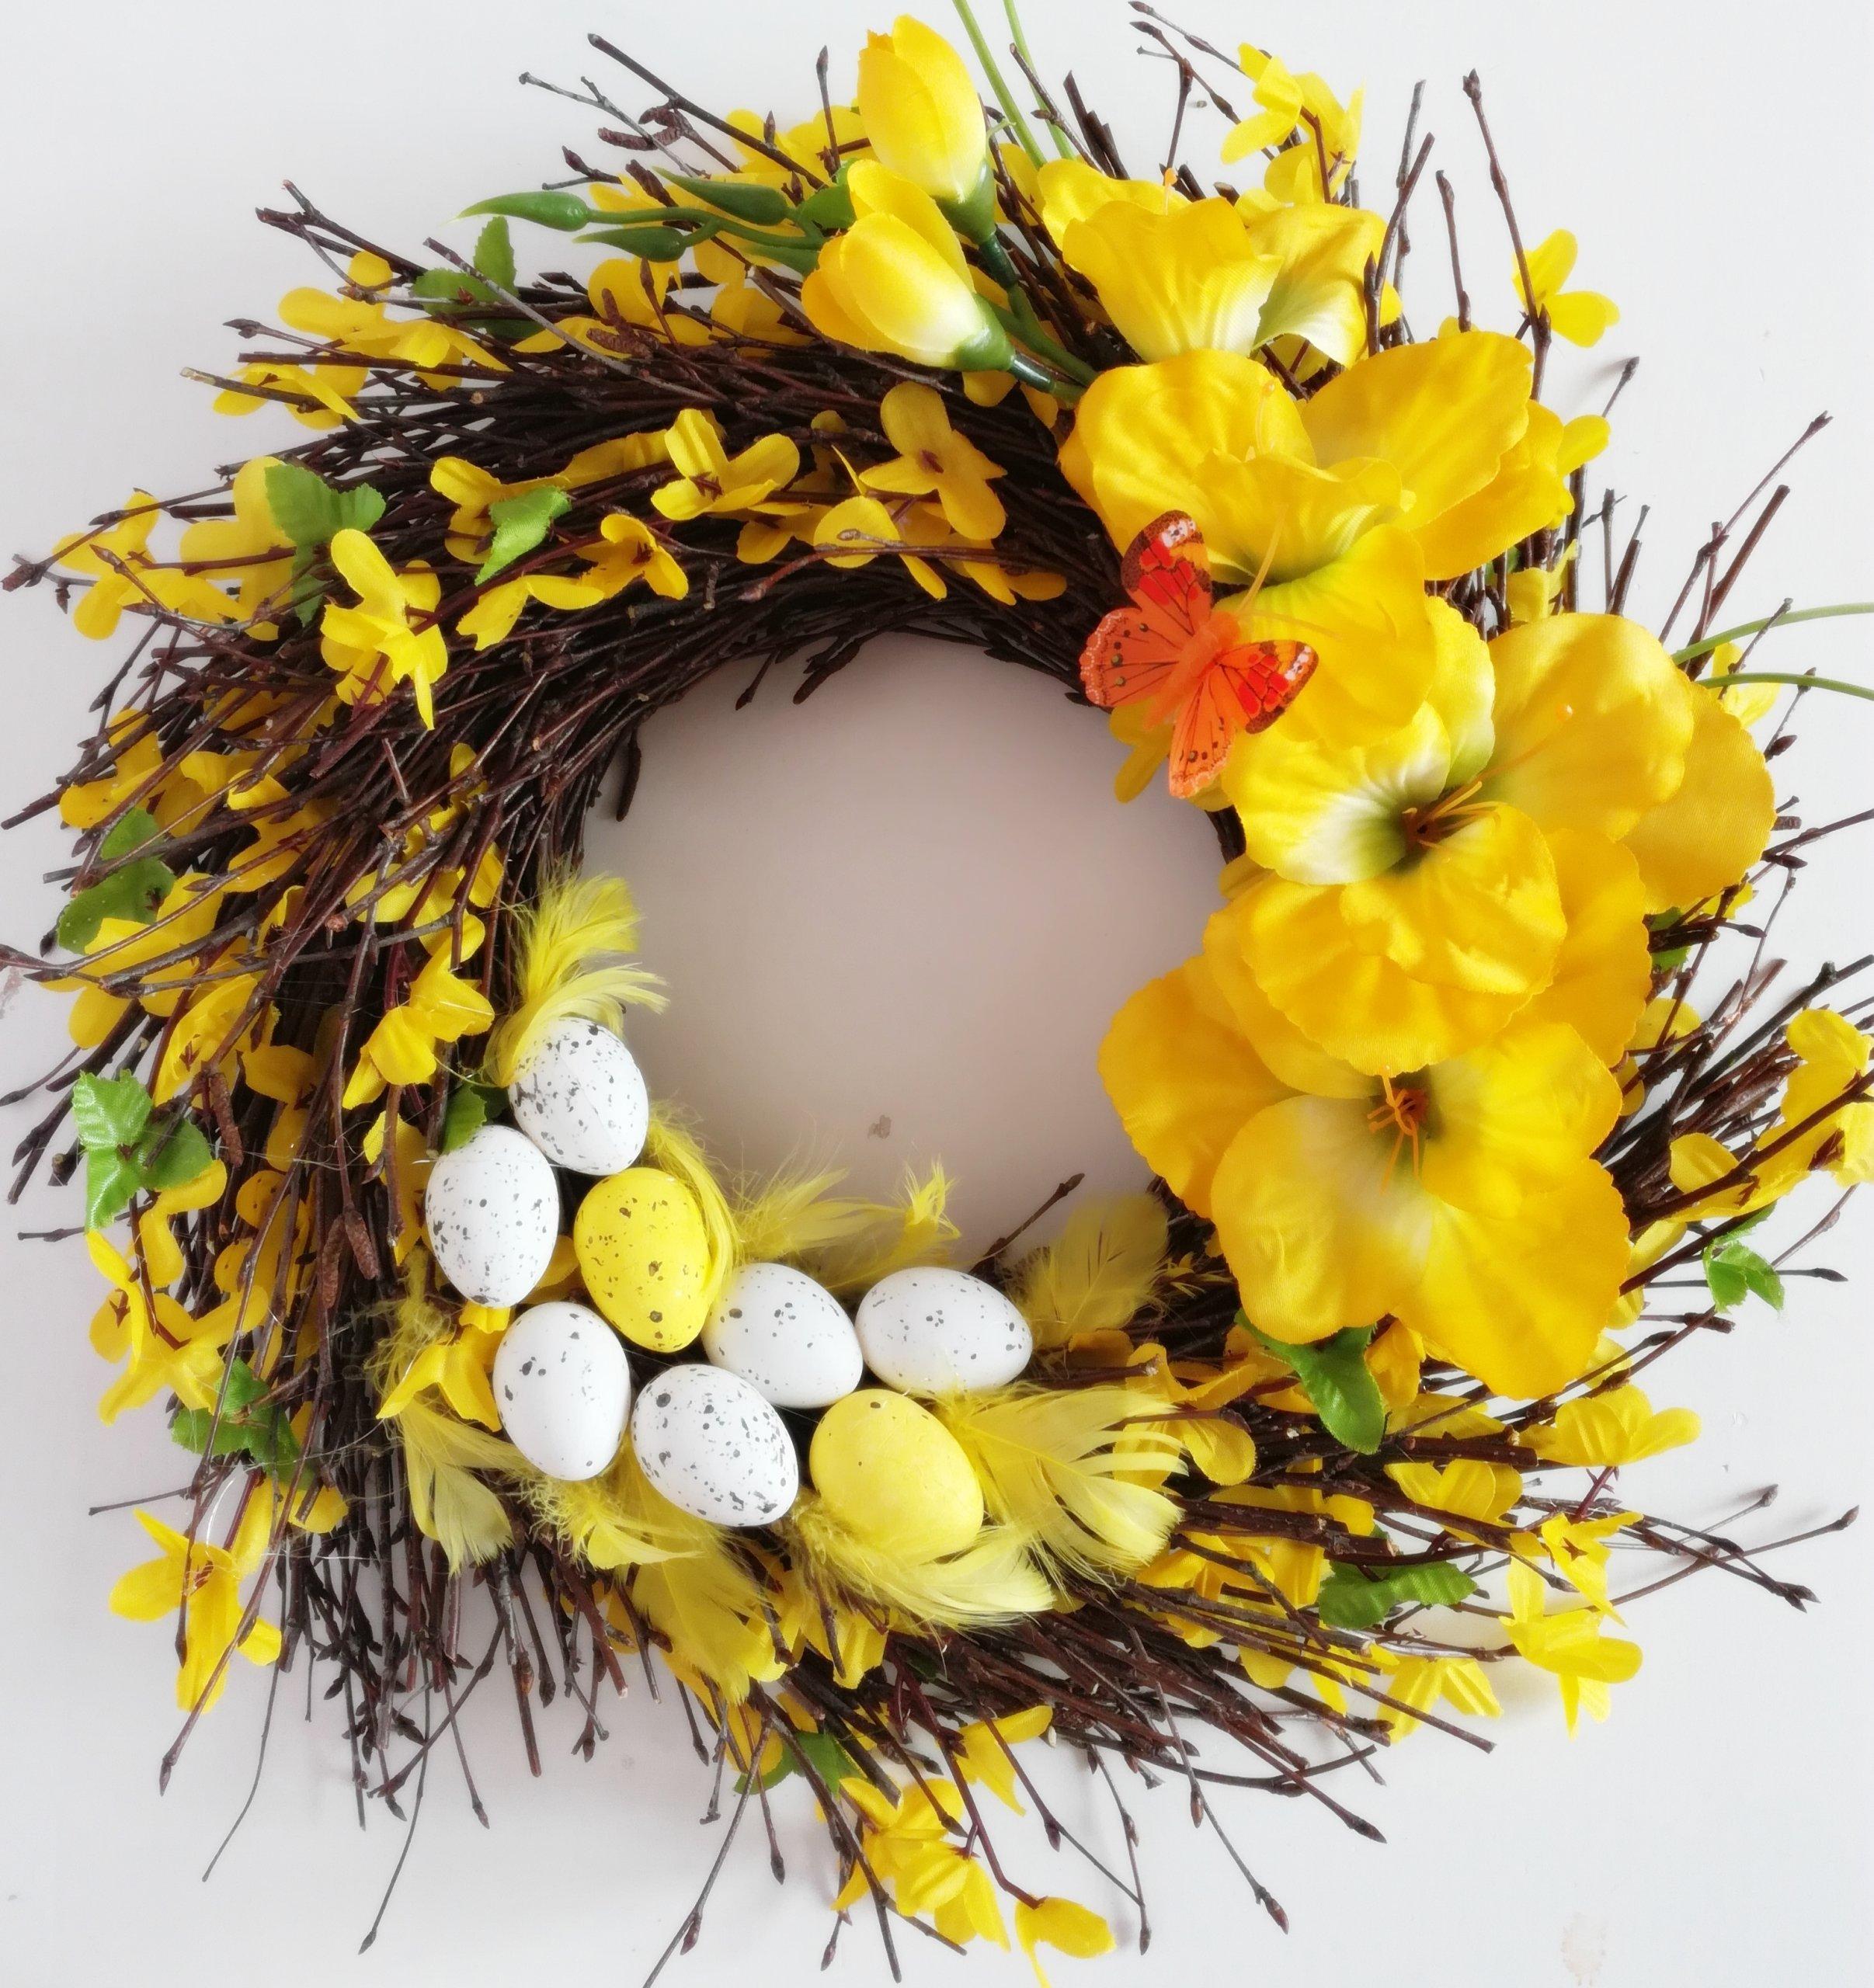 Wianek Wielkanocny Wianki Wielkanocne Stroik 30cm 7210786240